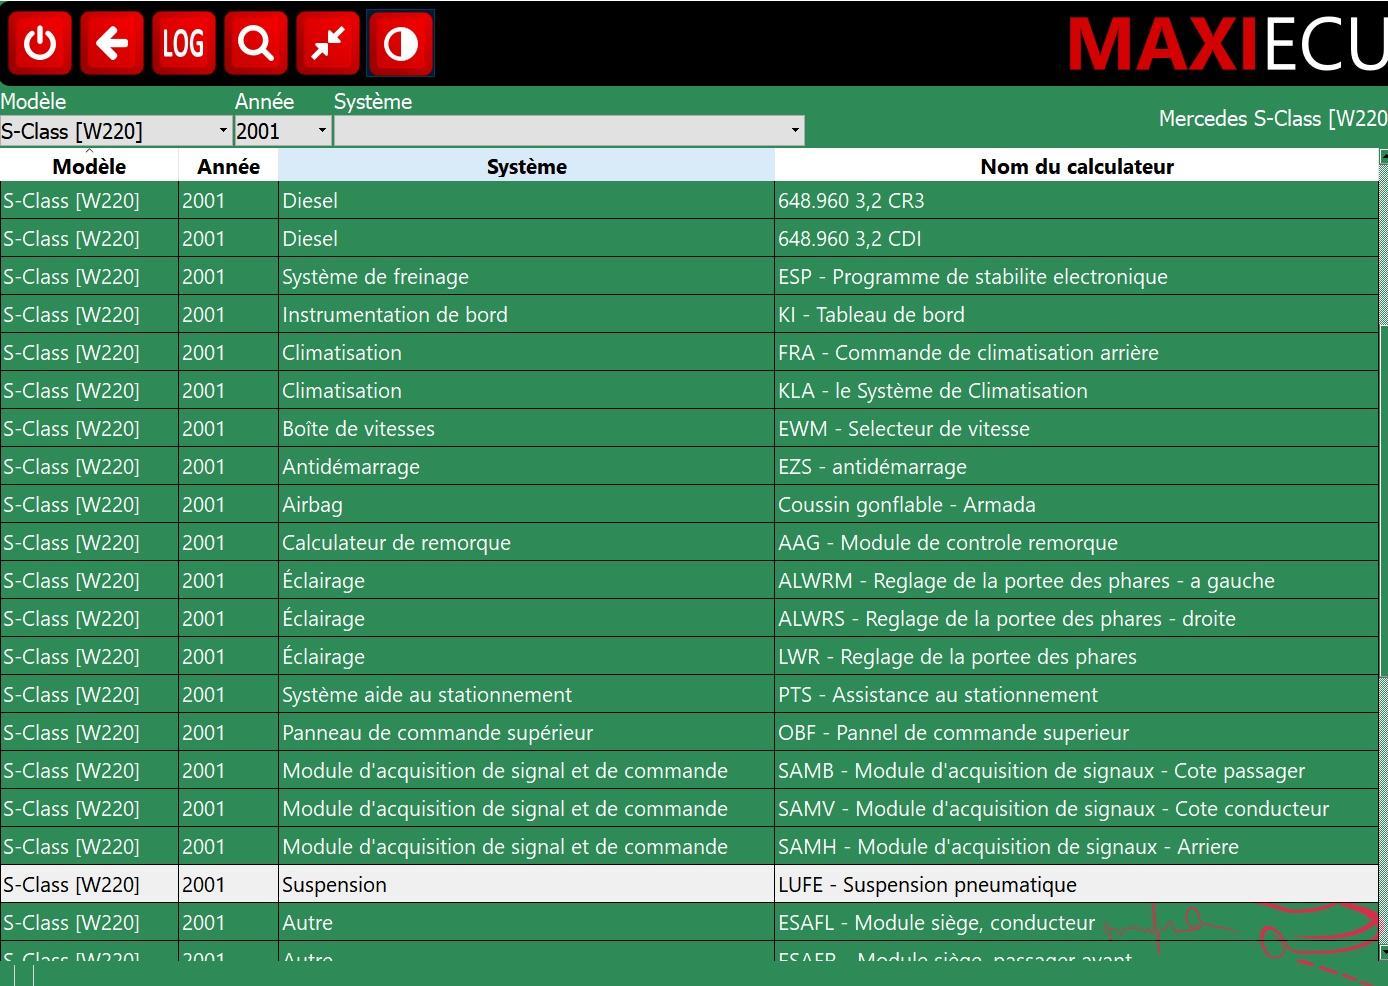 MAXI-ECU-W220.jpeg